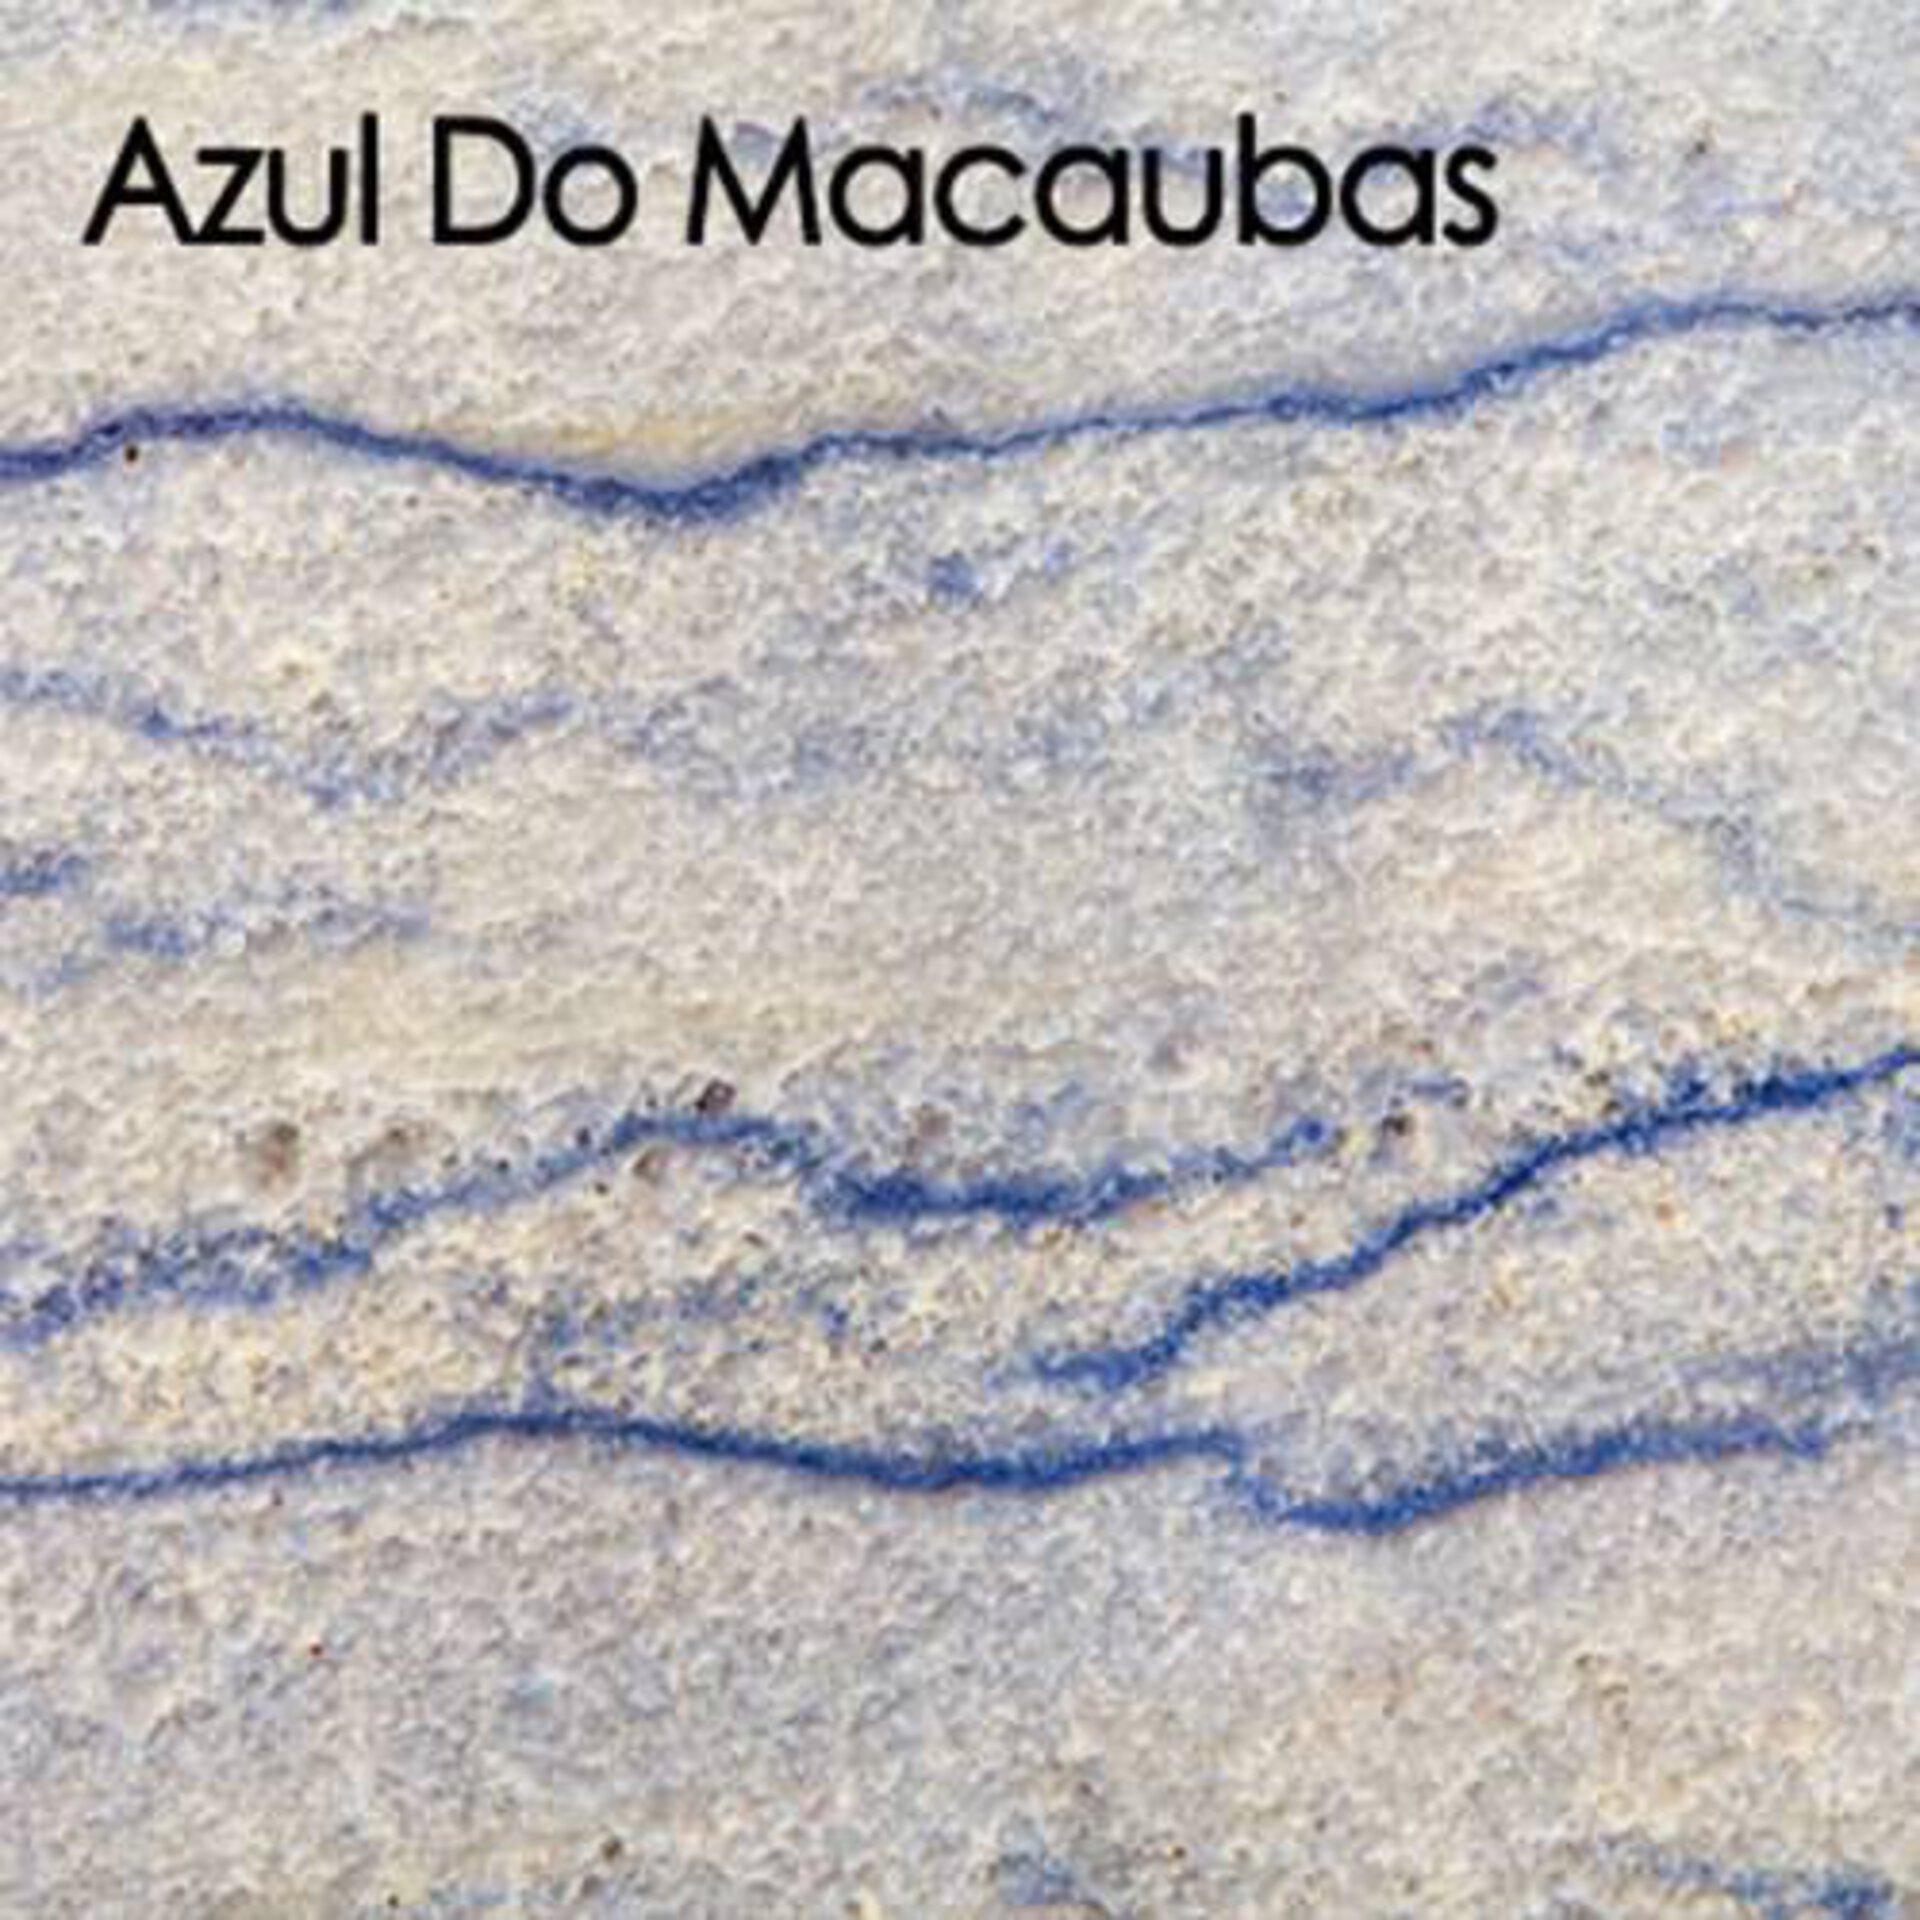 Arbeitsplatte aus Naturstein. Der hellgraue Stein ist mit blauen Linien durchzogen und nennet sich Azul Do Macaubas.